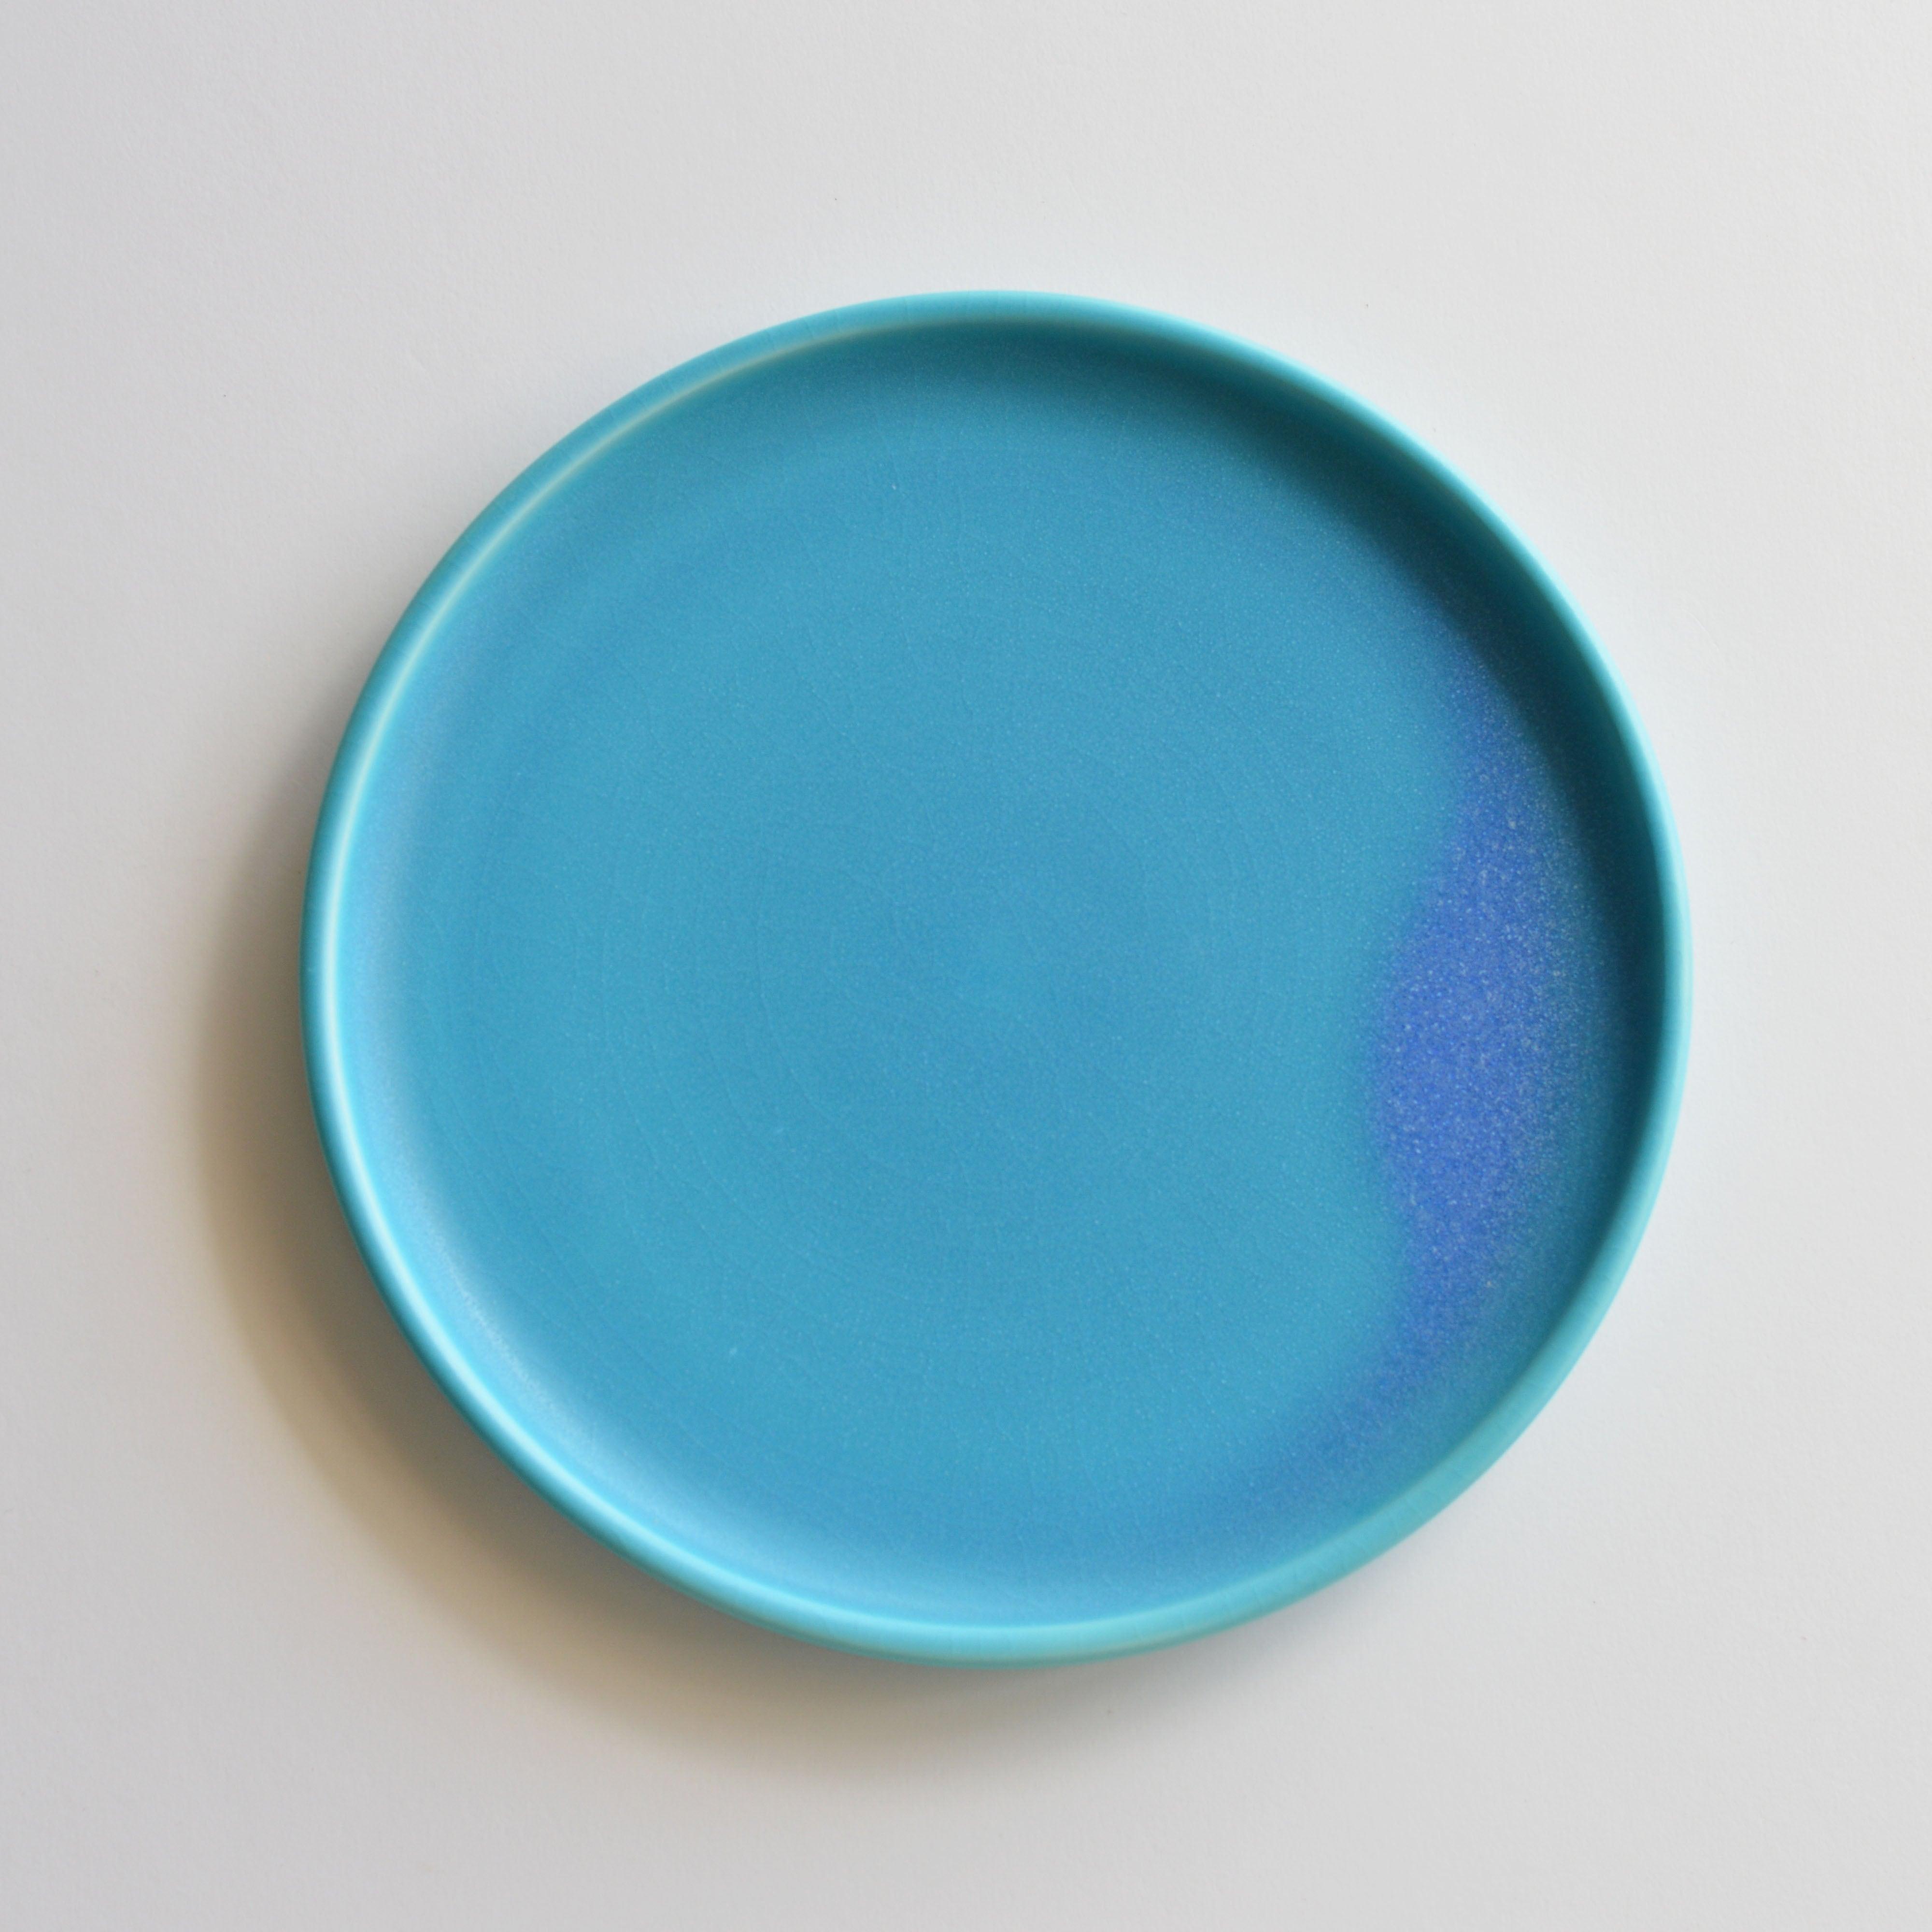 トルコ青  8寸皿 琉球工藝